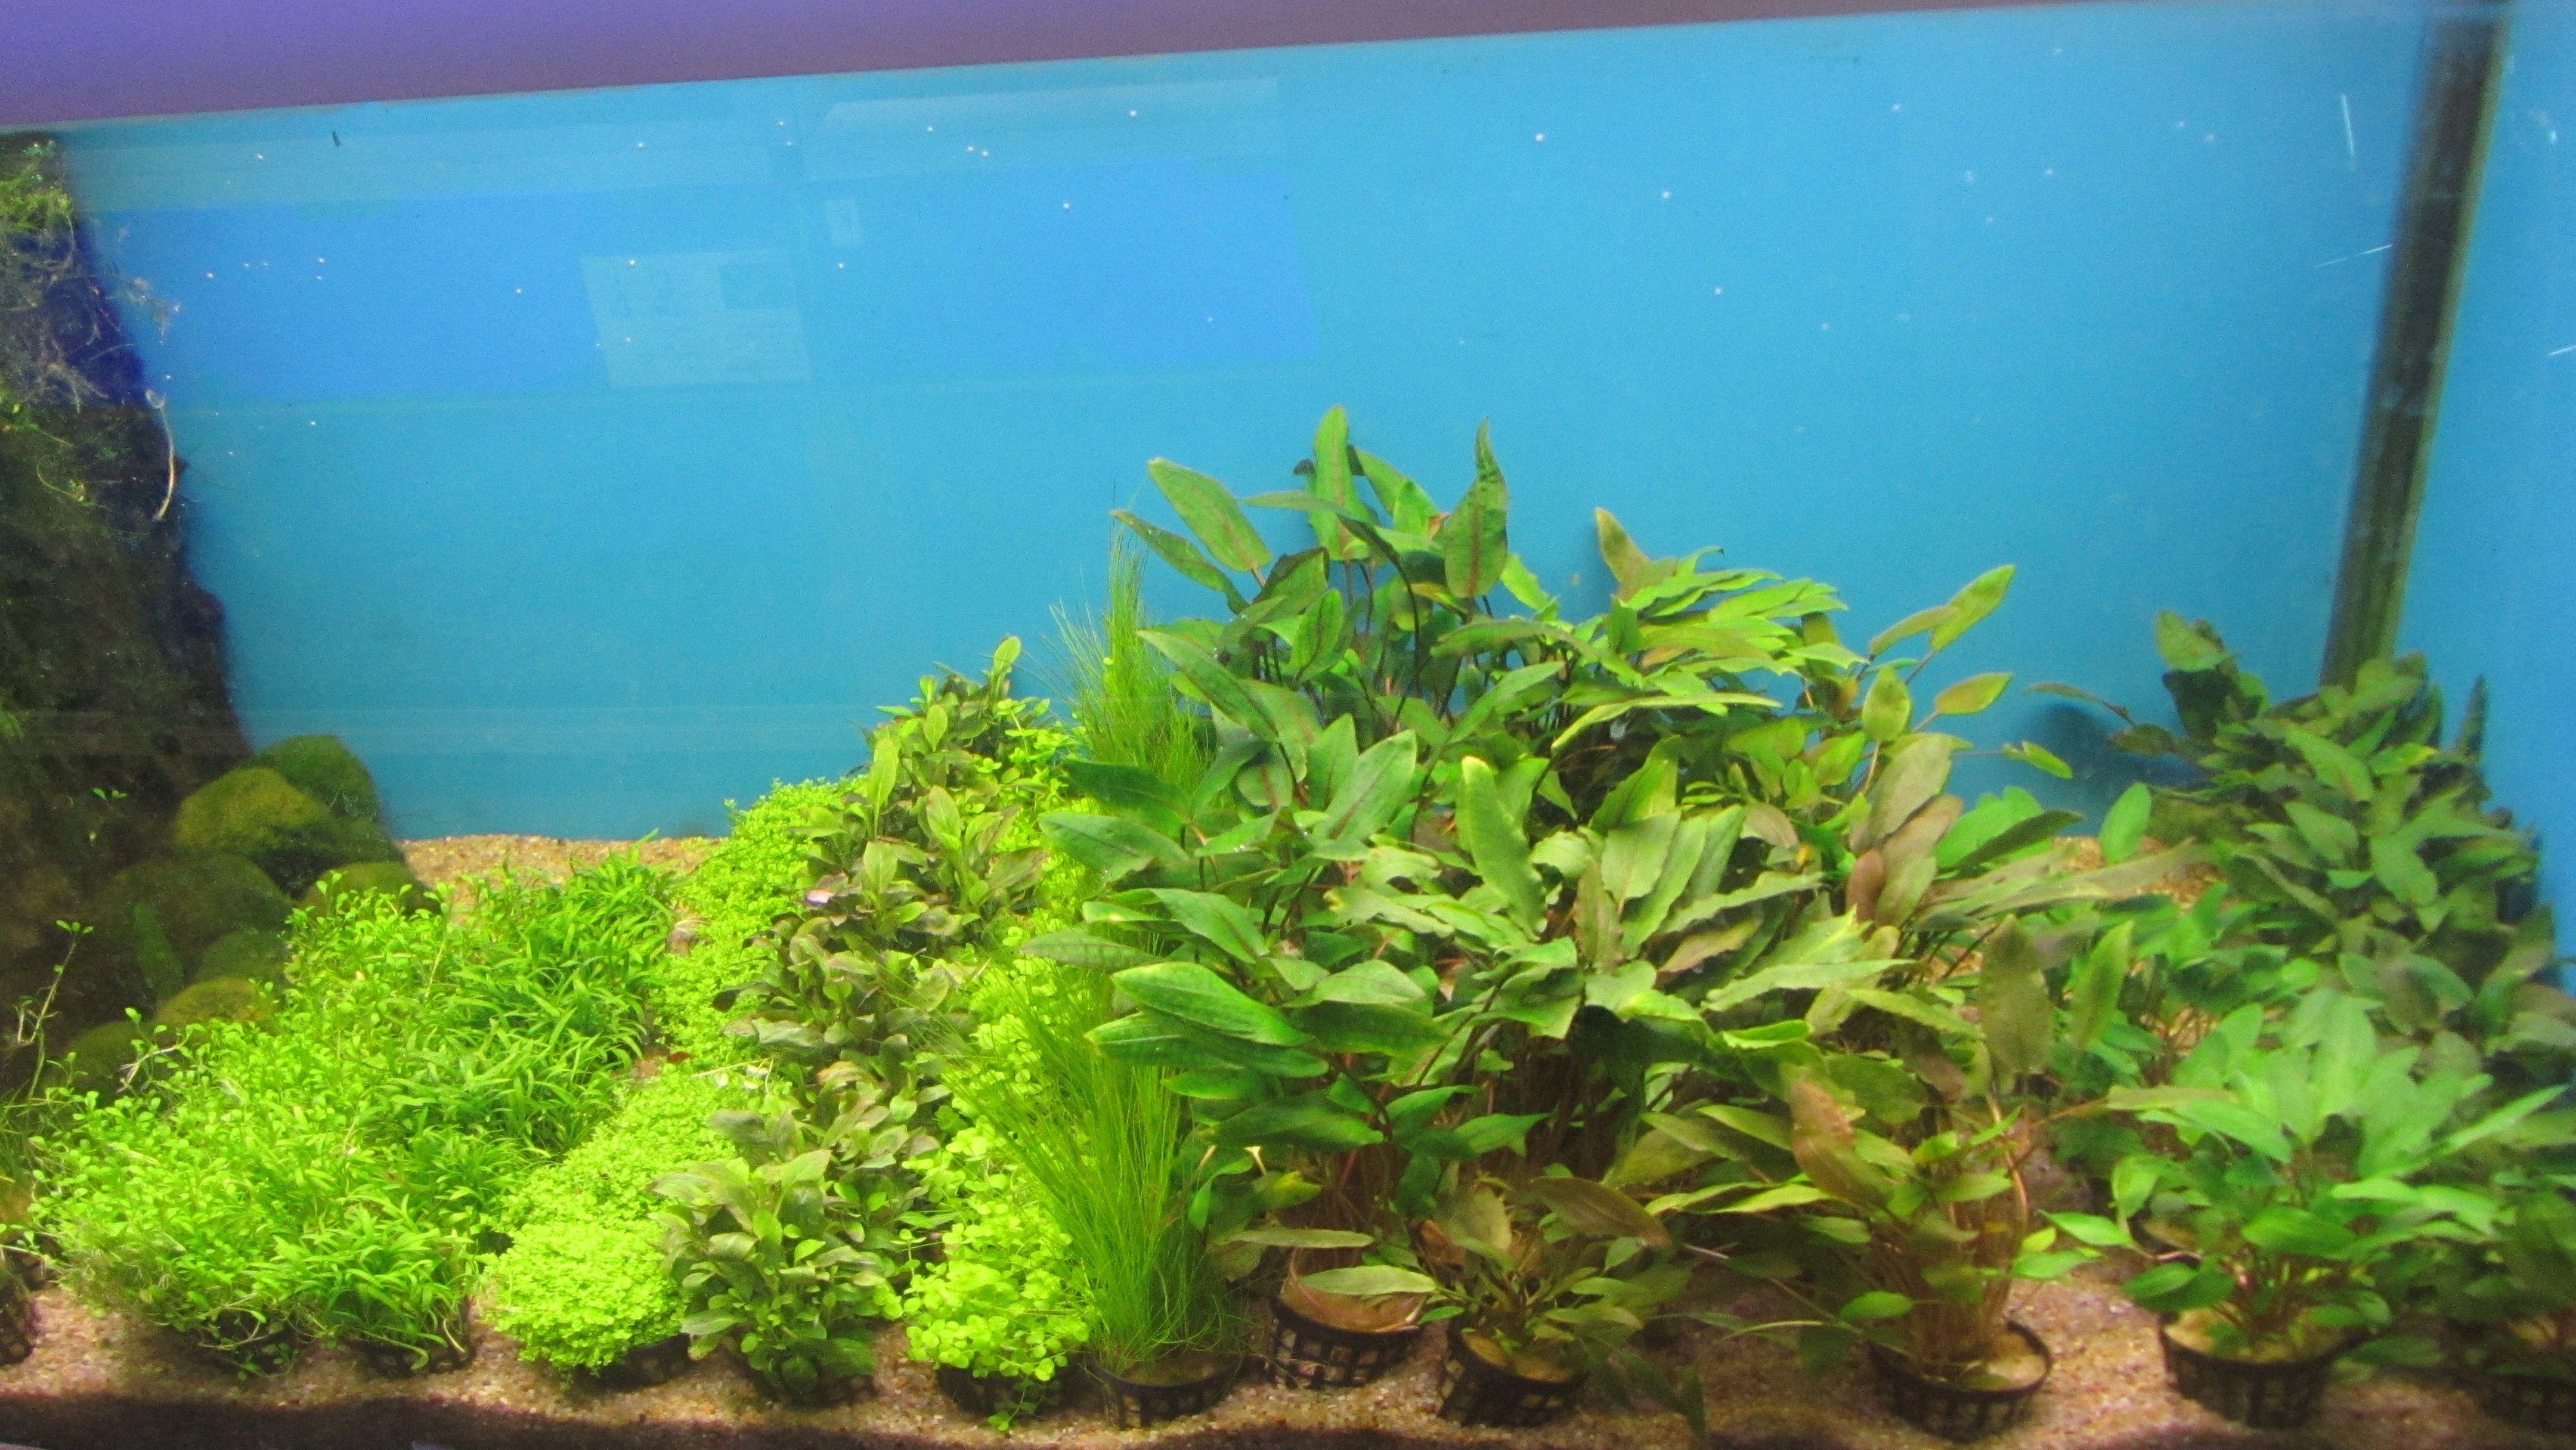 Plantepakke 3 består af 15 planter. høj, medium, lav